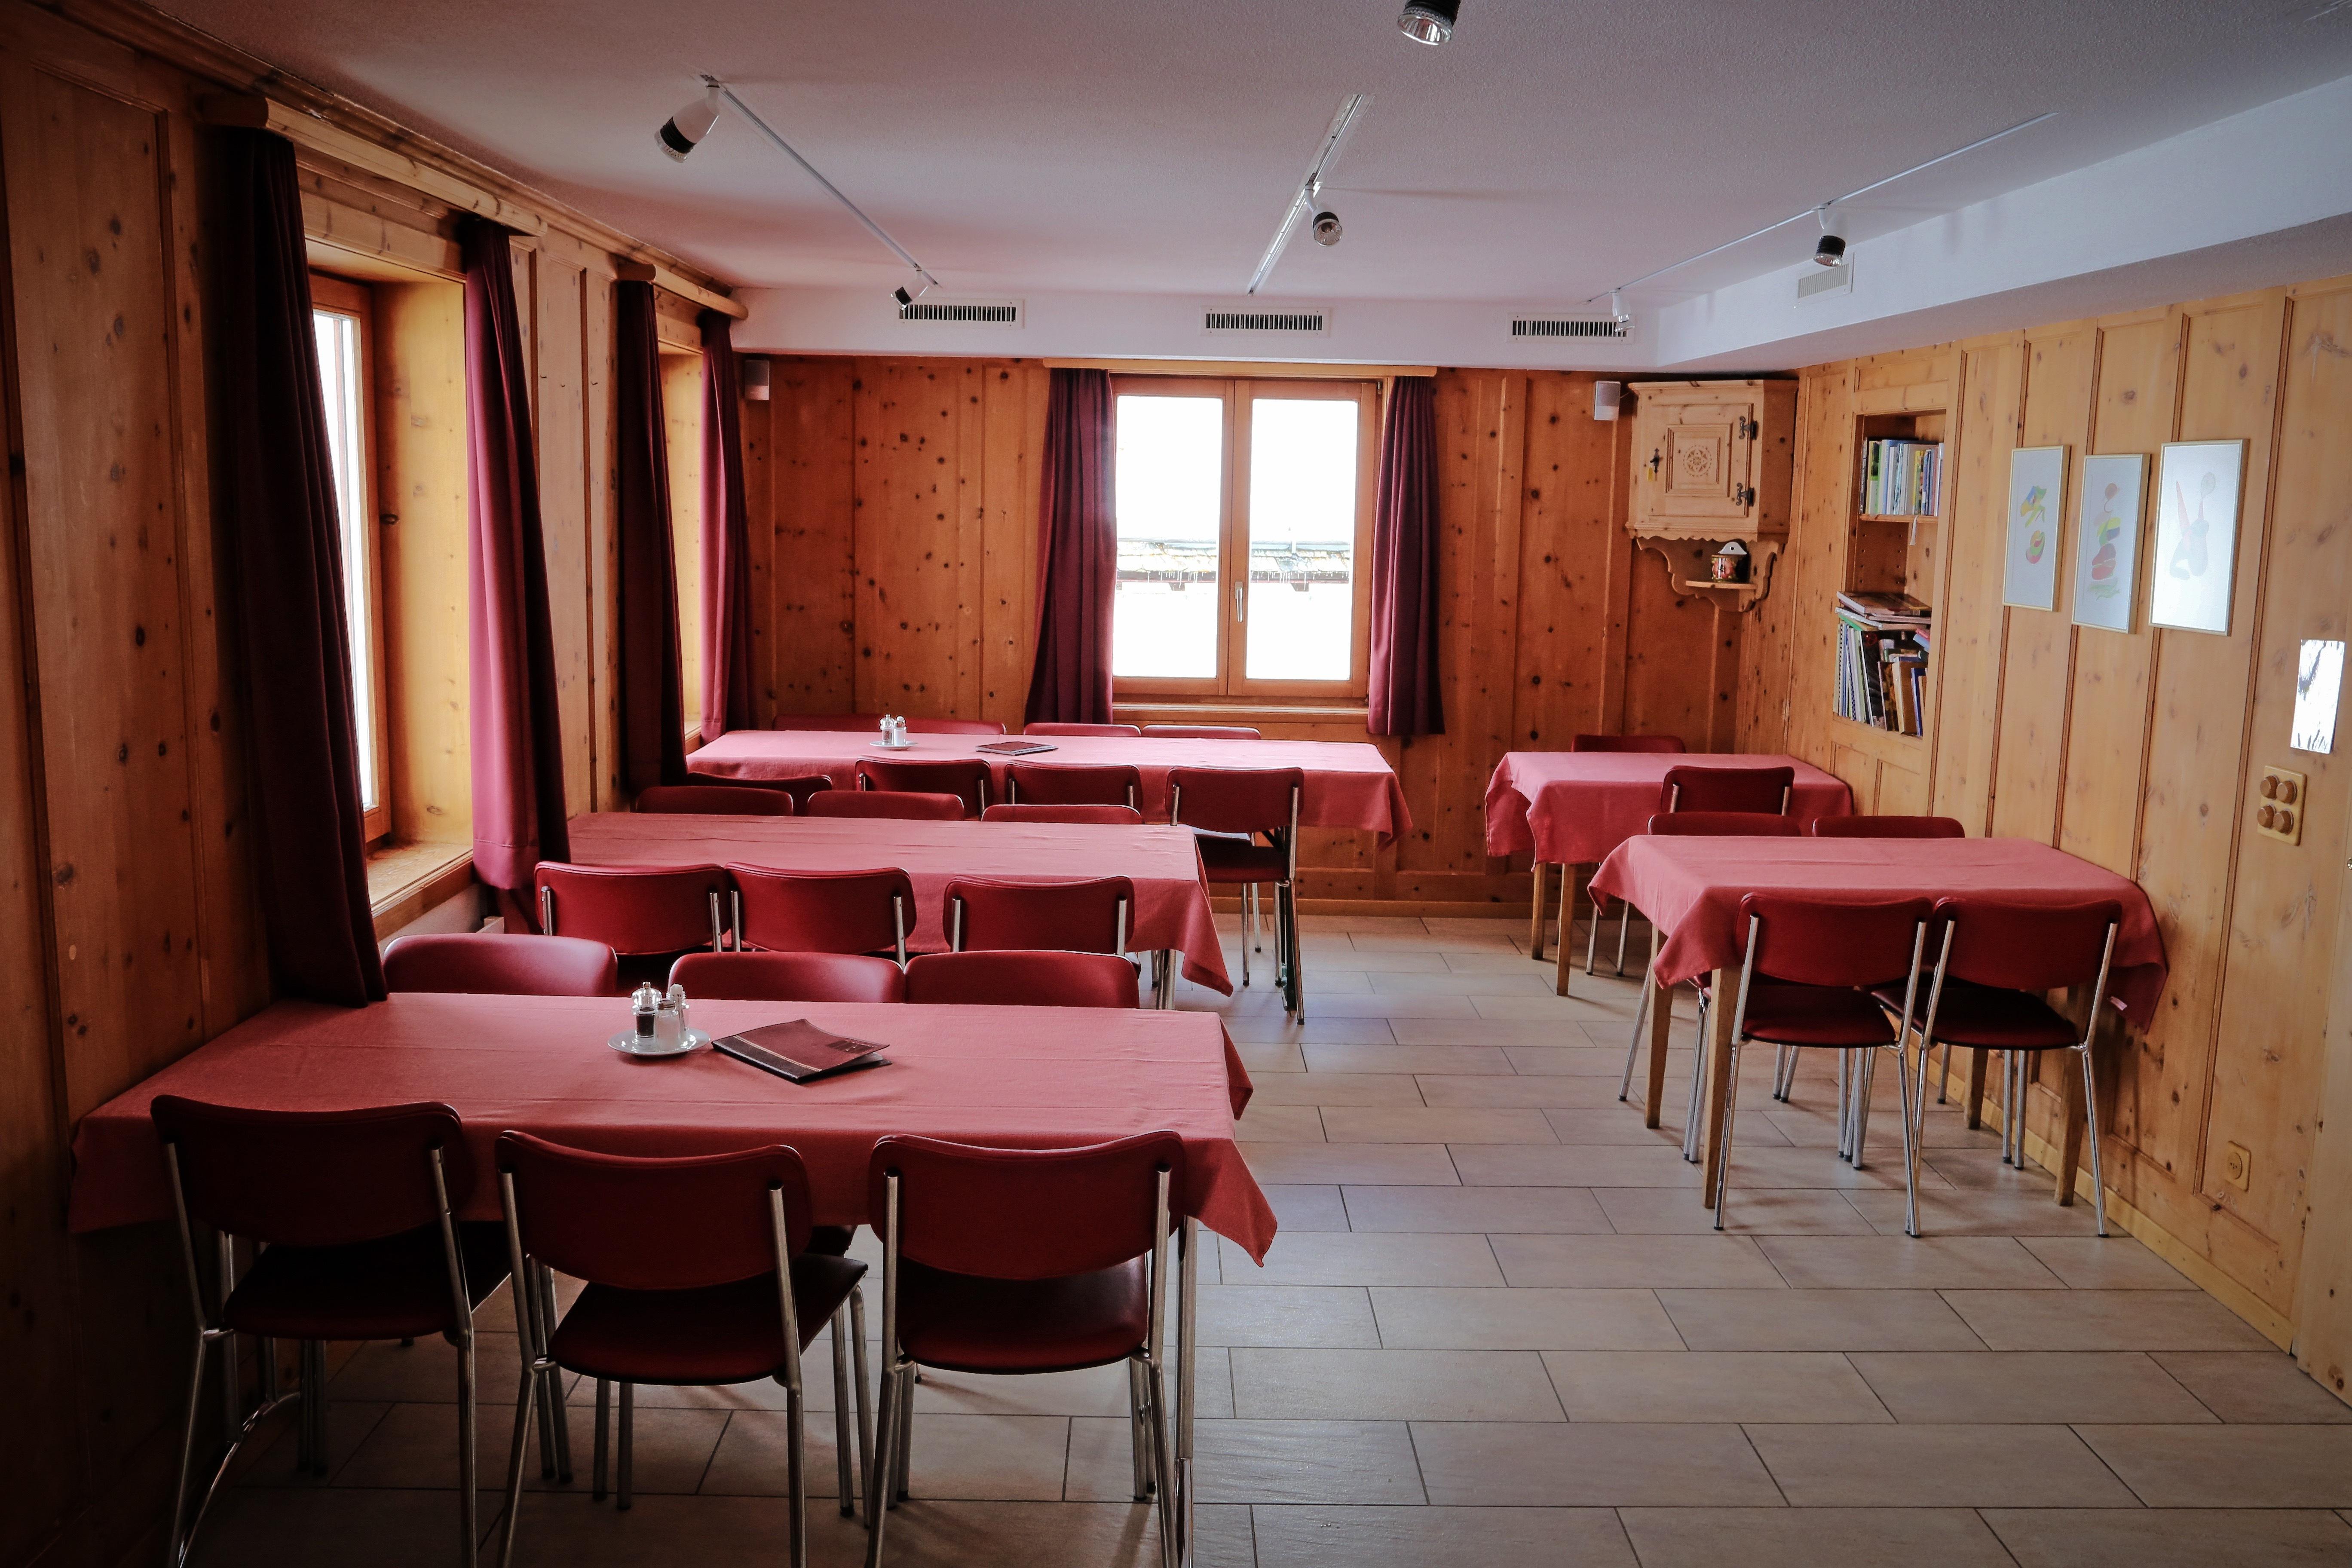 Restaurant Lagrev Slide 3